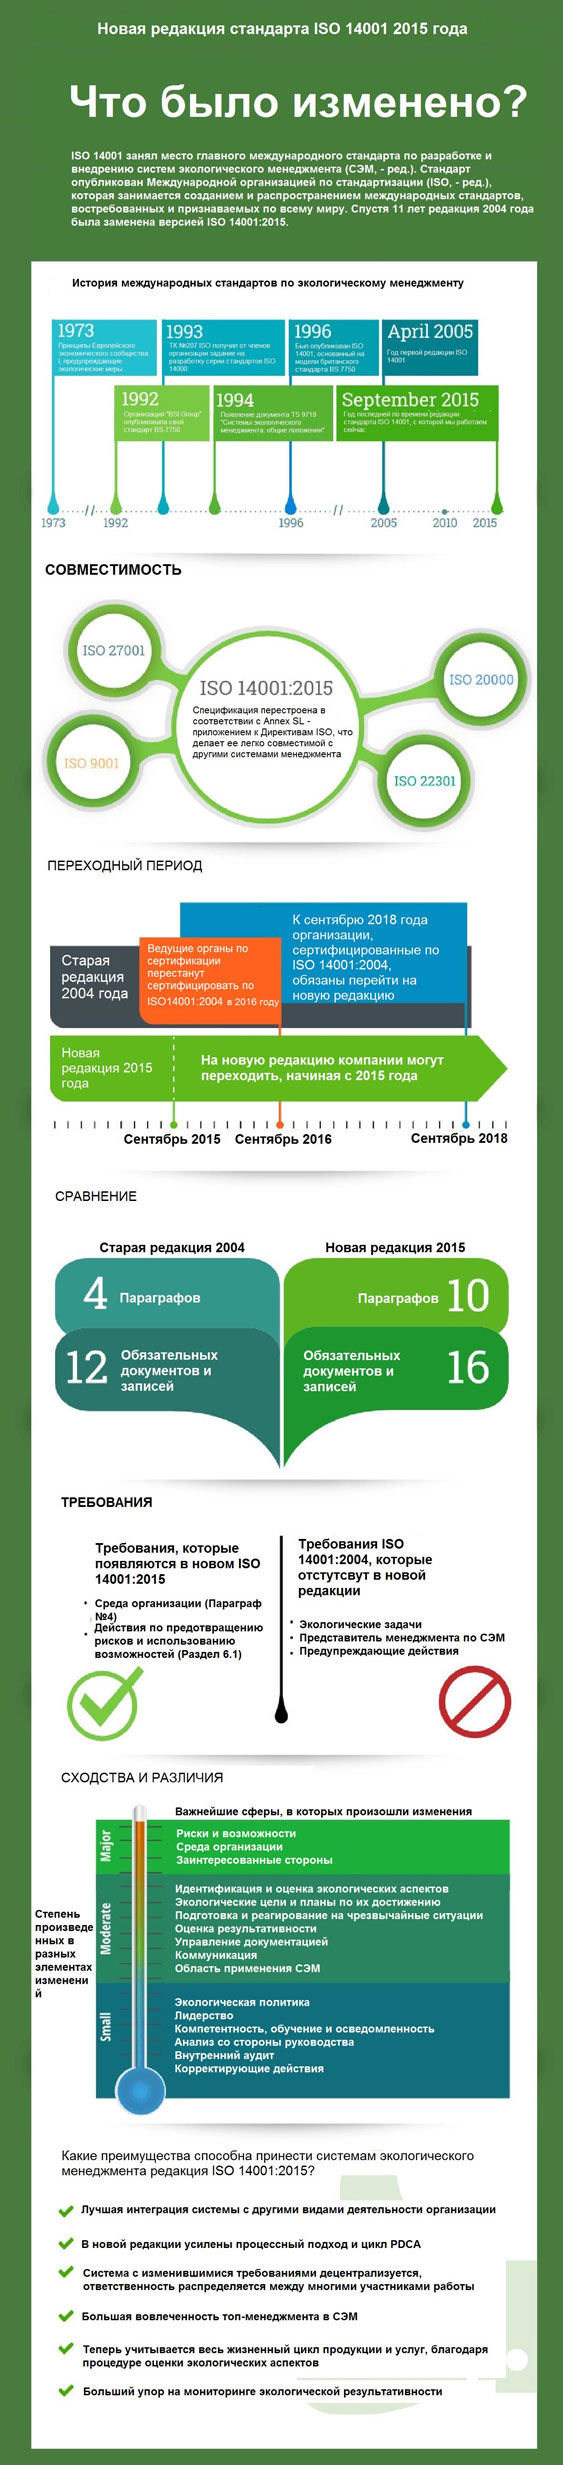 Инфографика: ISO 14001:2015 и ISO 14001:2004 – что изменилось?